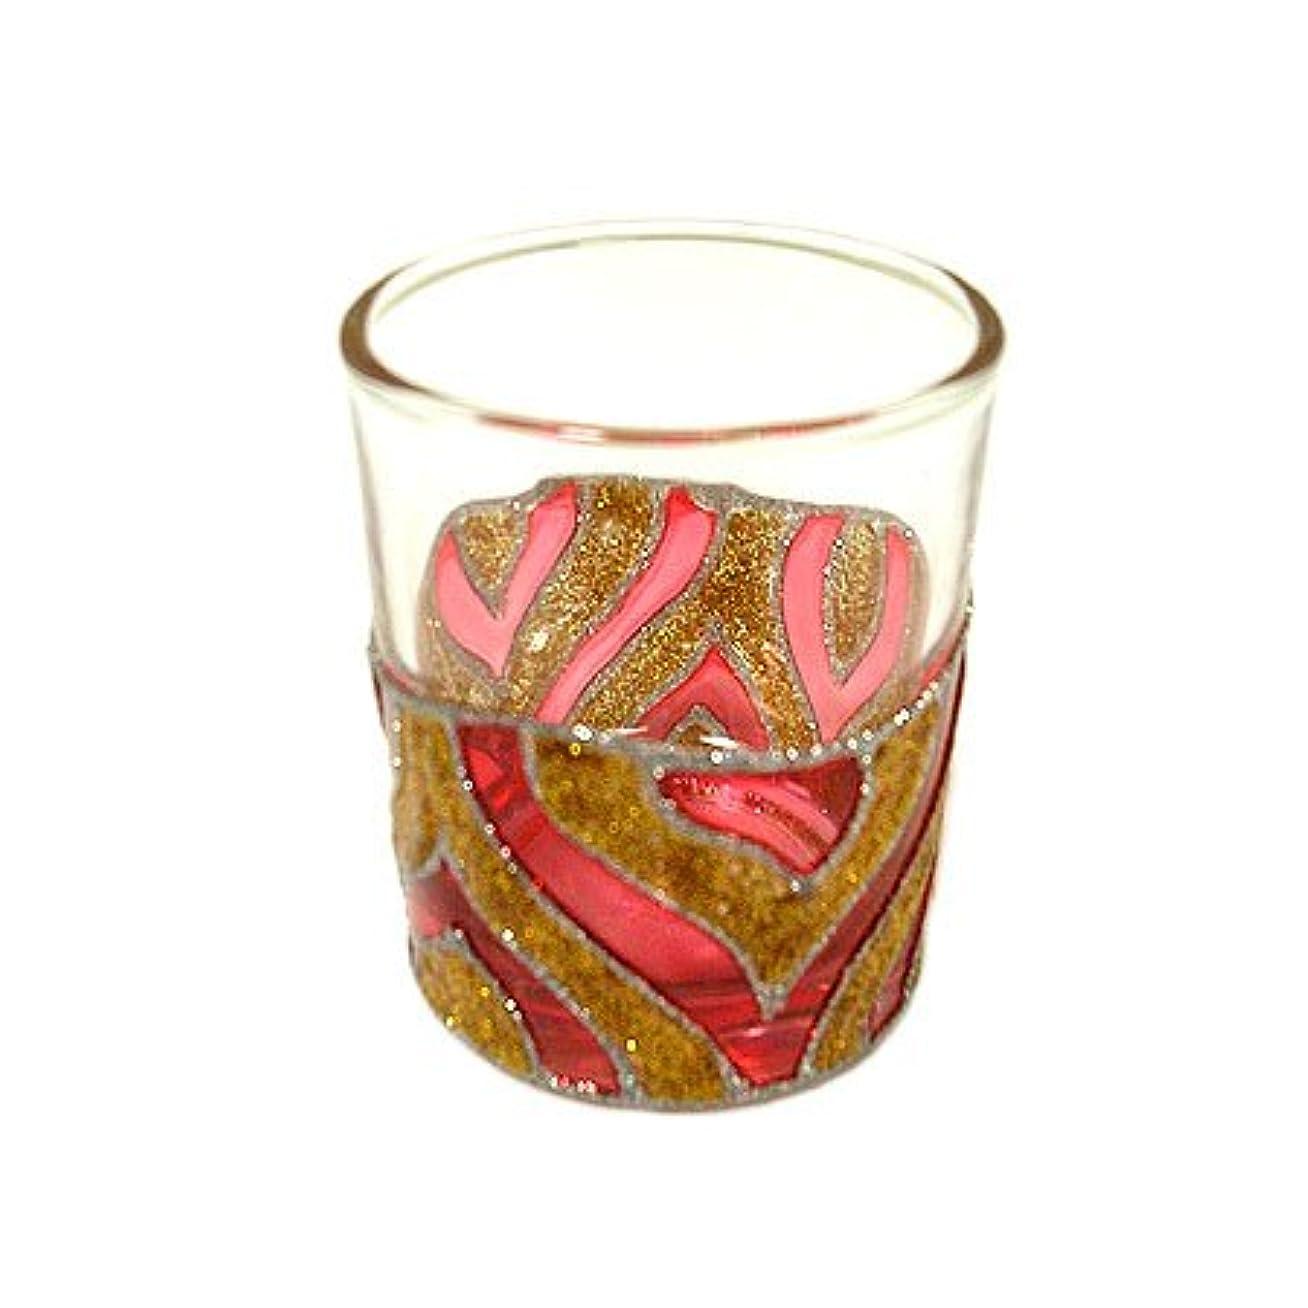 によるとクラシック非常に怒っていますアジアン キャンドルホルダー カップ グラス 花柄 ゴールドレッド アジアン雑貨